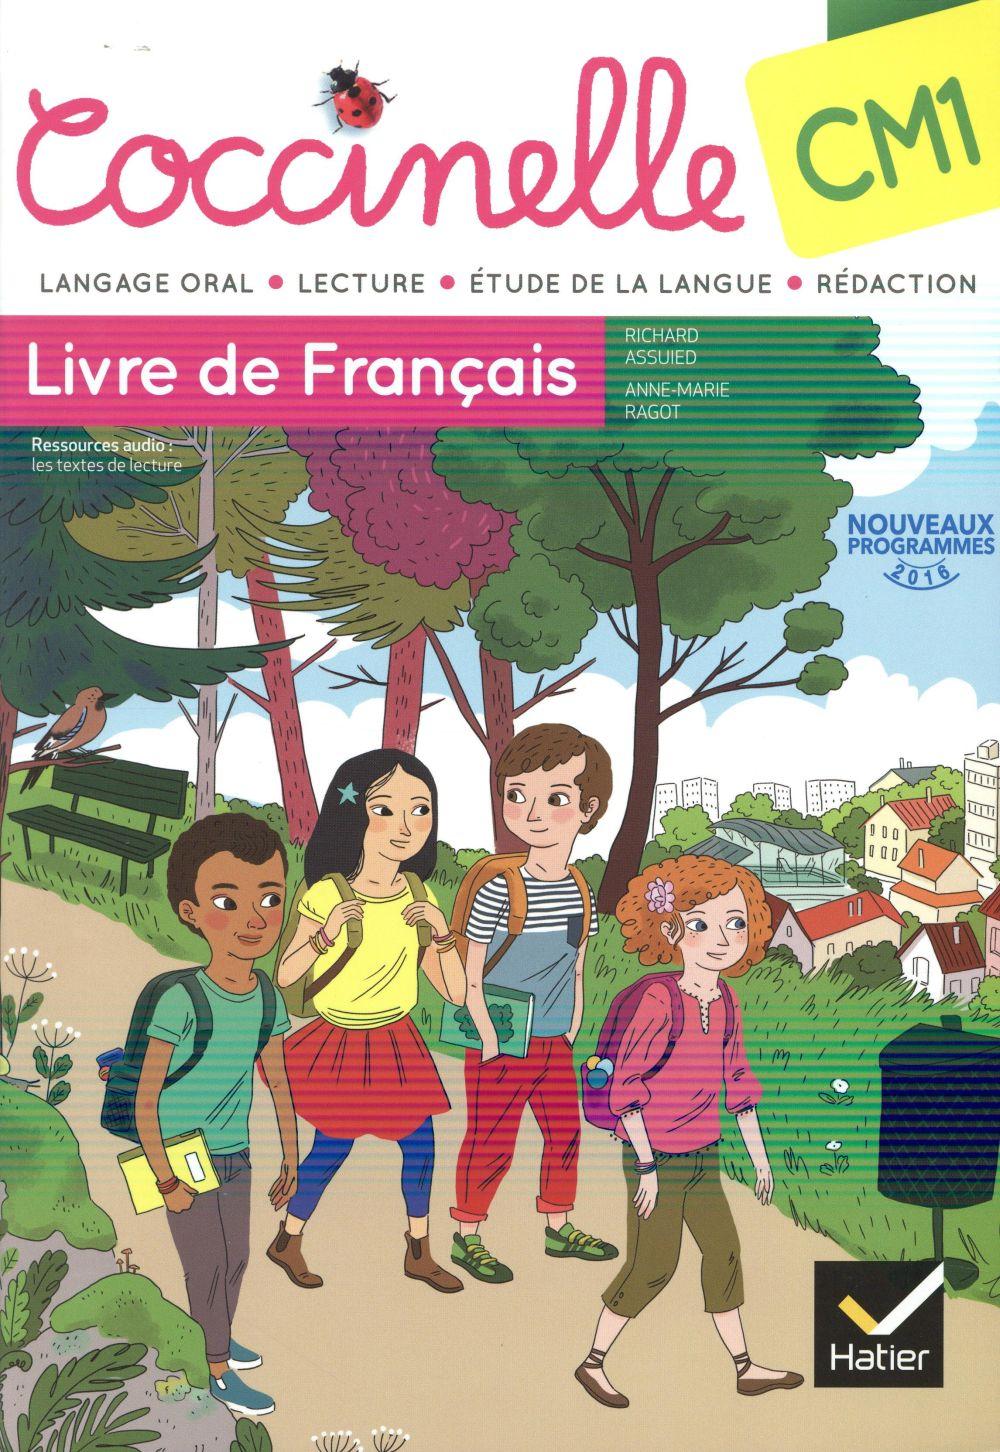 Coccinelle Francais Cm1 Livre De L Eleve Edition 2016 Richard Assuied Anne Marie Ragot Hatier Grand Format Chez Mon Libraire